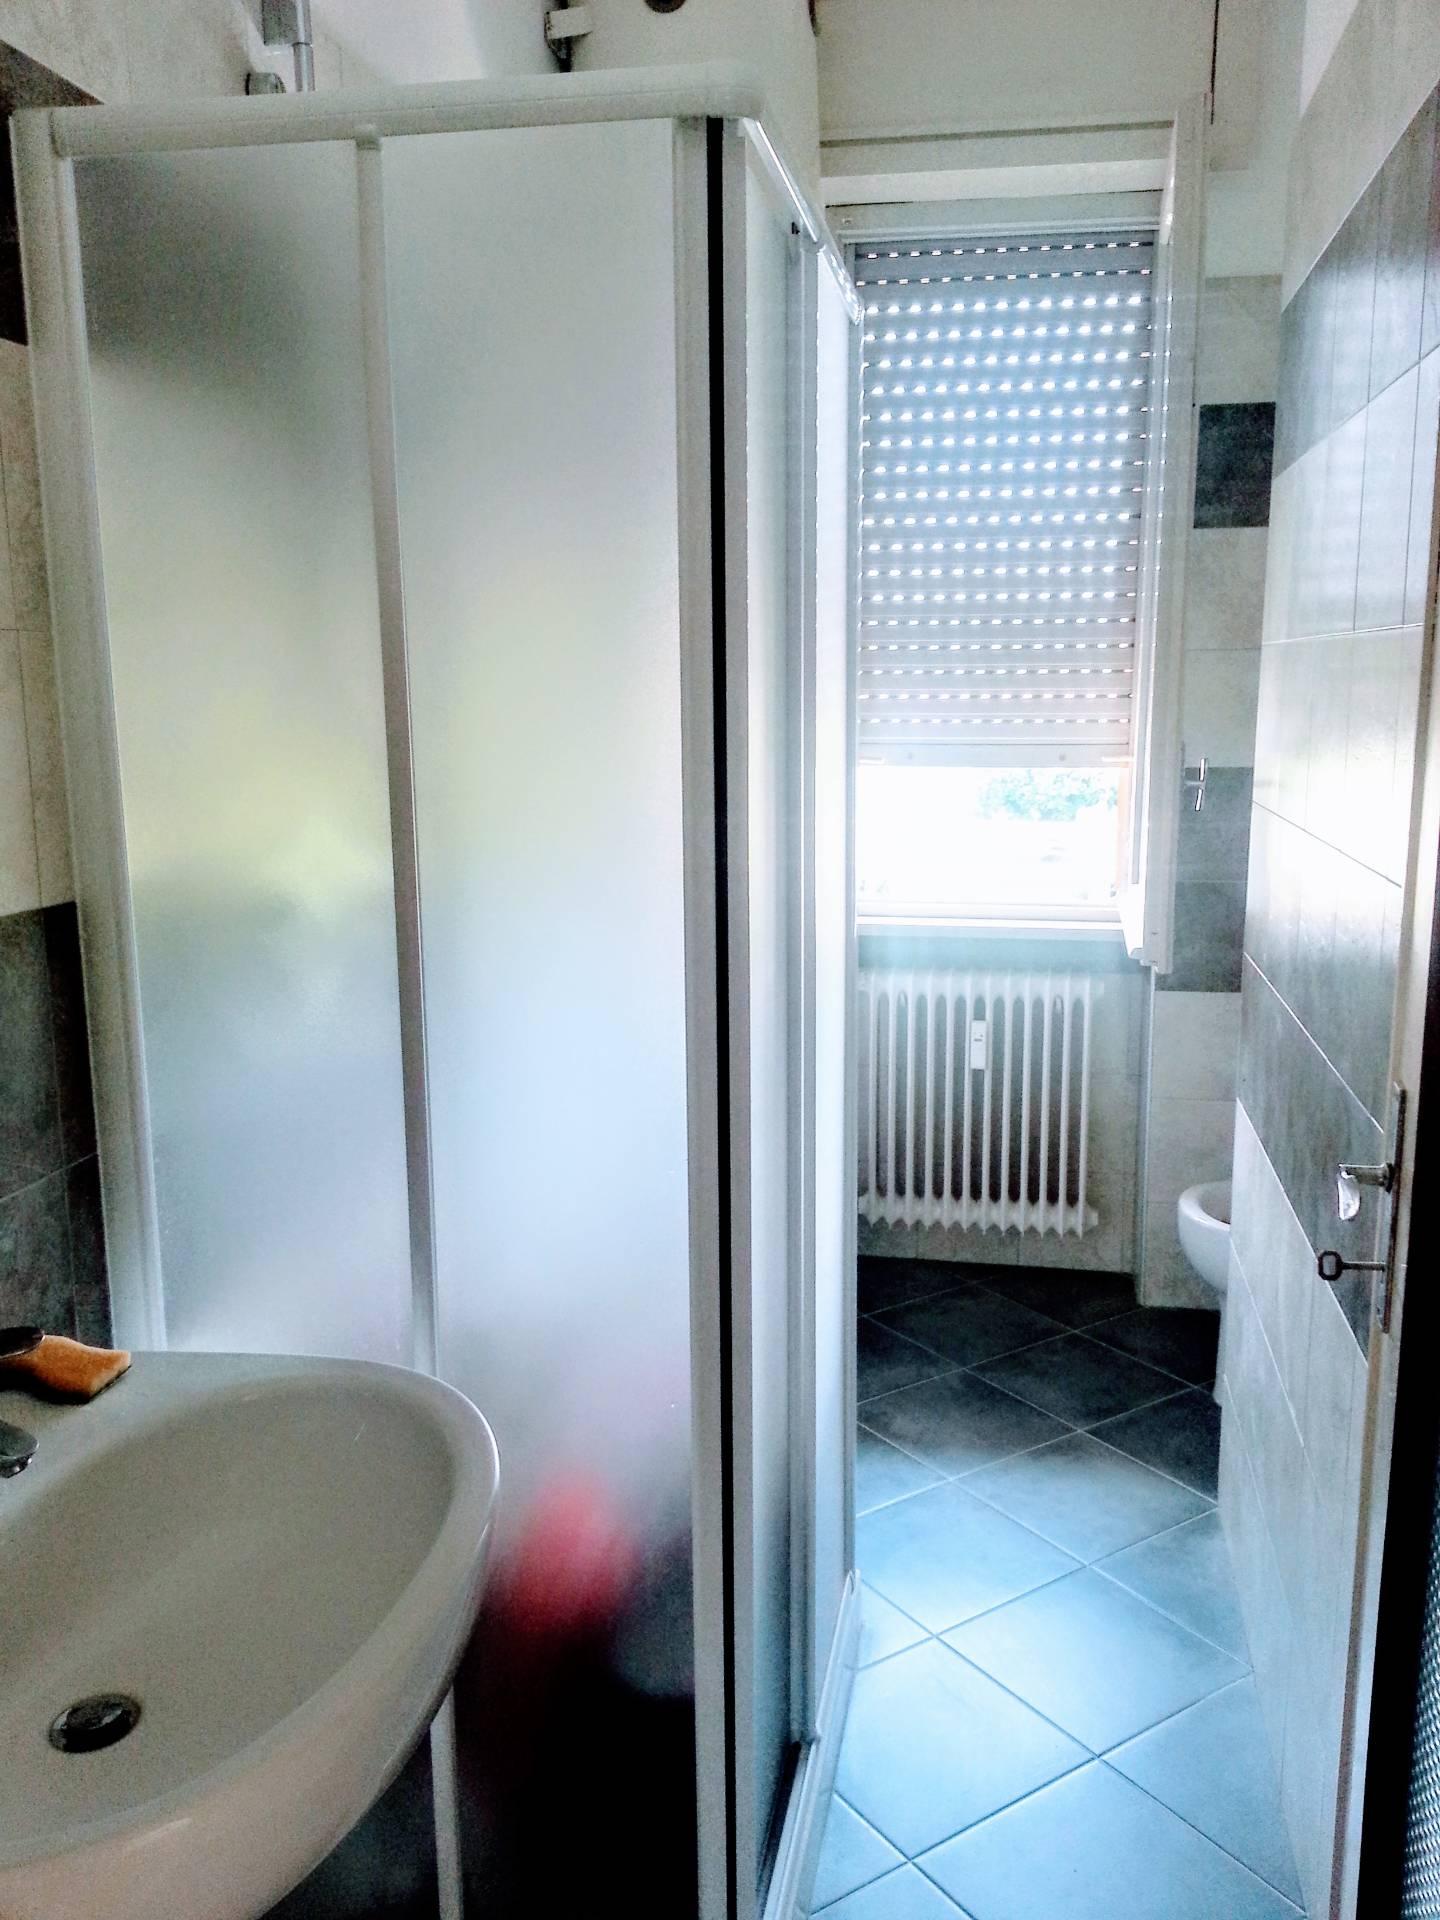 Appartamento in affitto a Casale Monferrato, 4 locali, zona Zona: Popolo, prezzo € 350 | CambioCasa.it